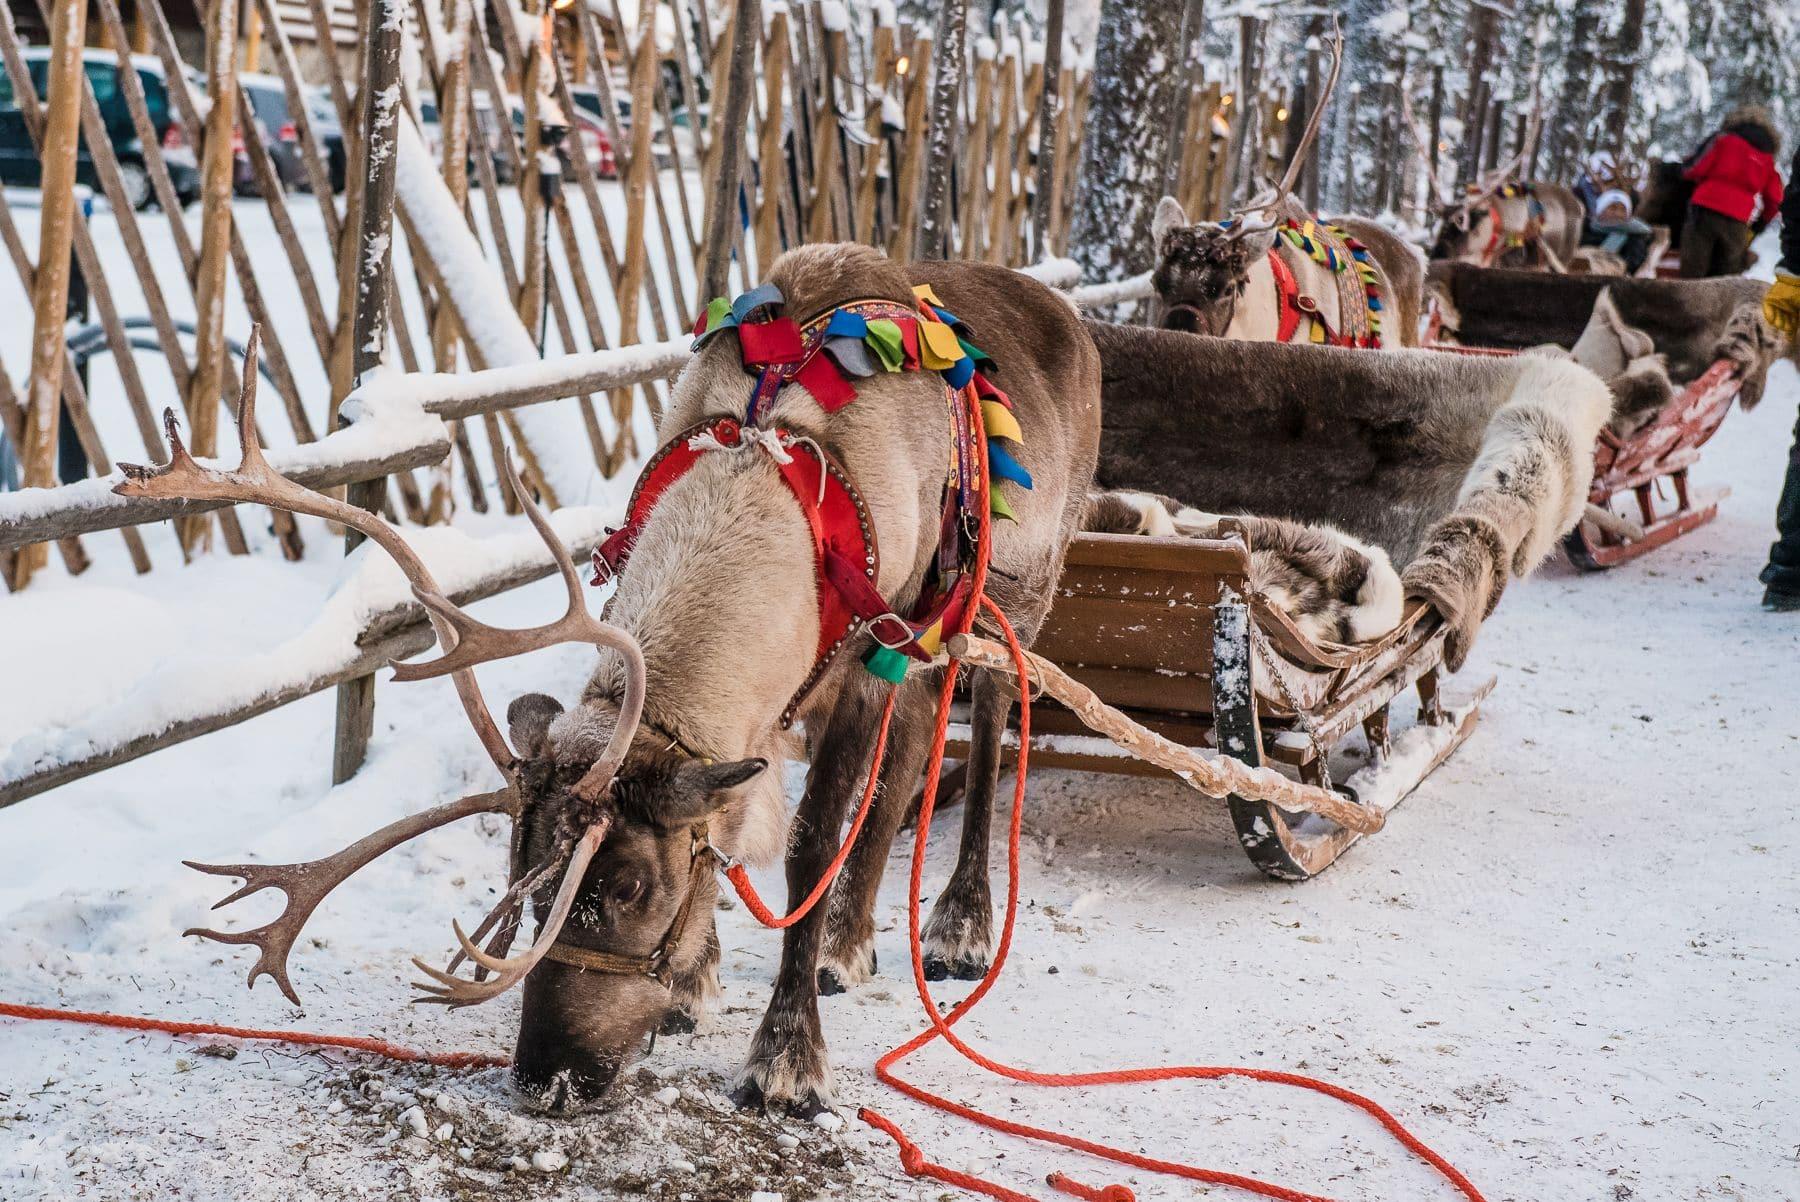 Laponia Psi zaprzeg wioska swietego mikolaja wyjazd do laponii rovaniemi_001878